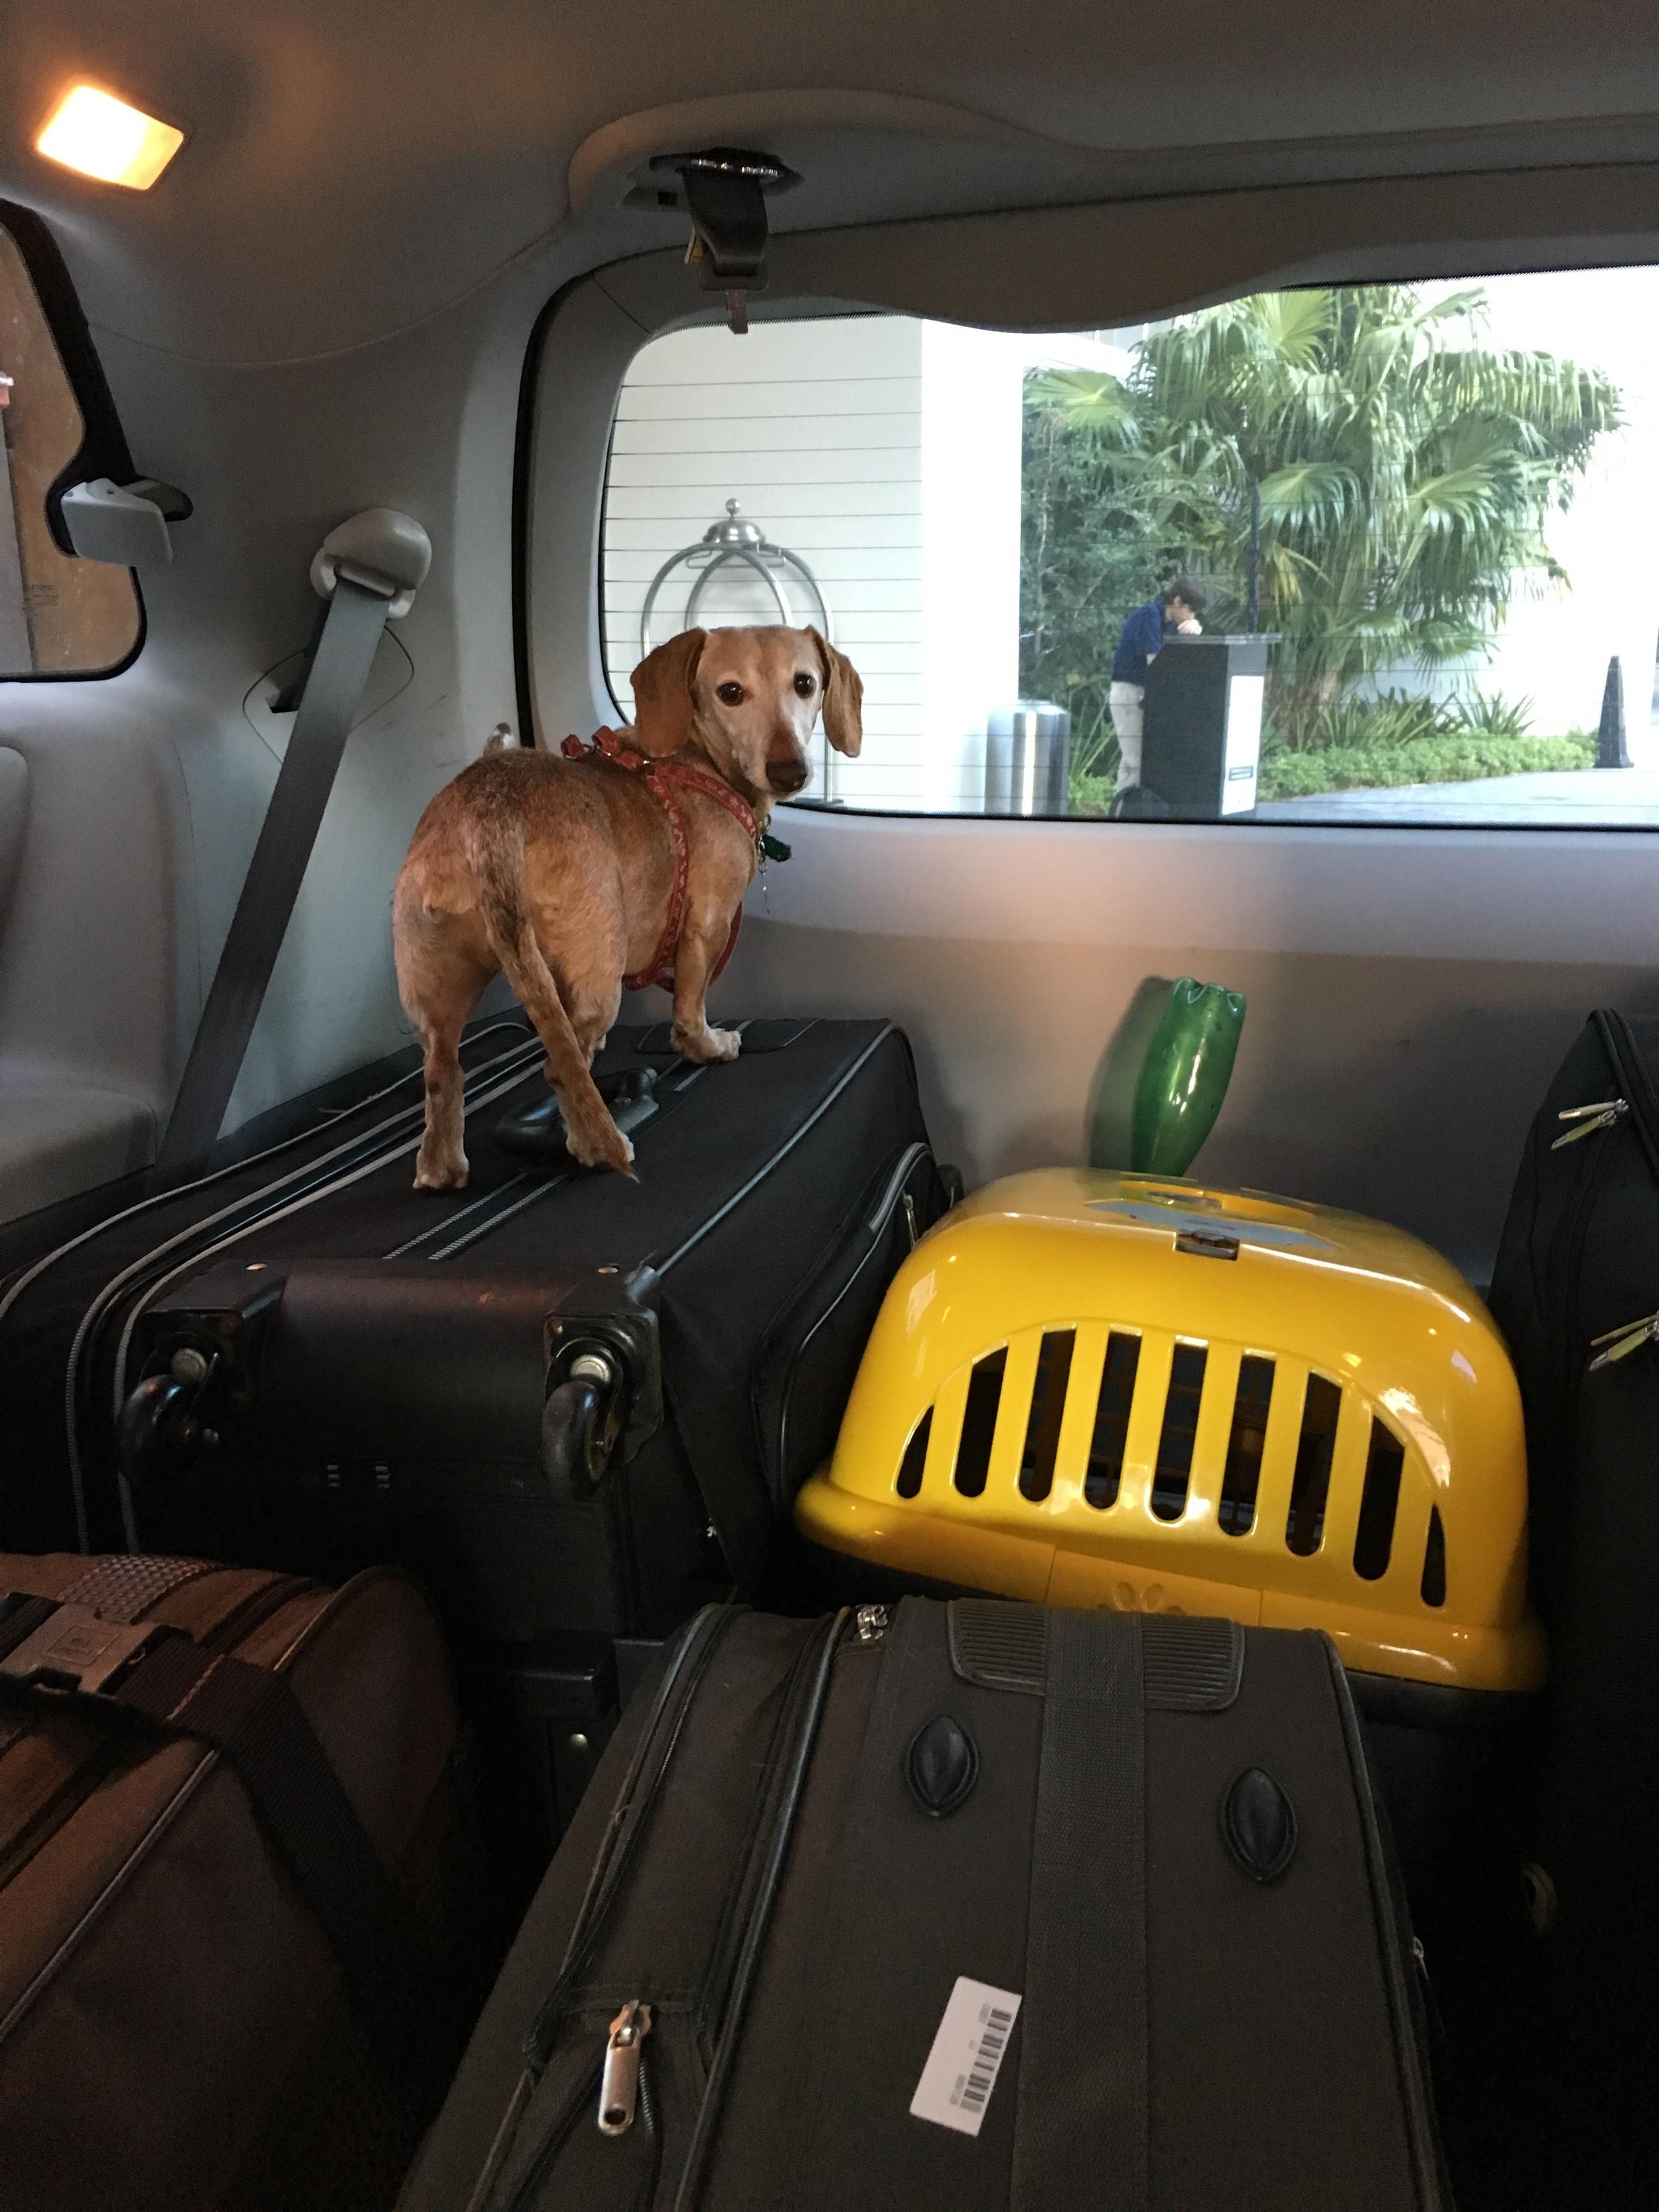 Jurema, em sua primeira aparição no Blog. Ainda em Miami, já estávamos empacotados, rumo ao aeroporto.